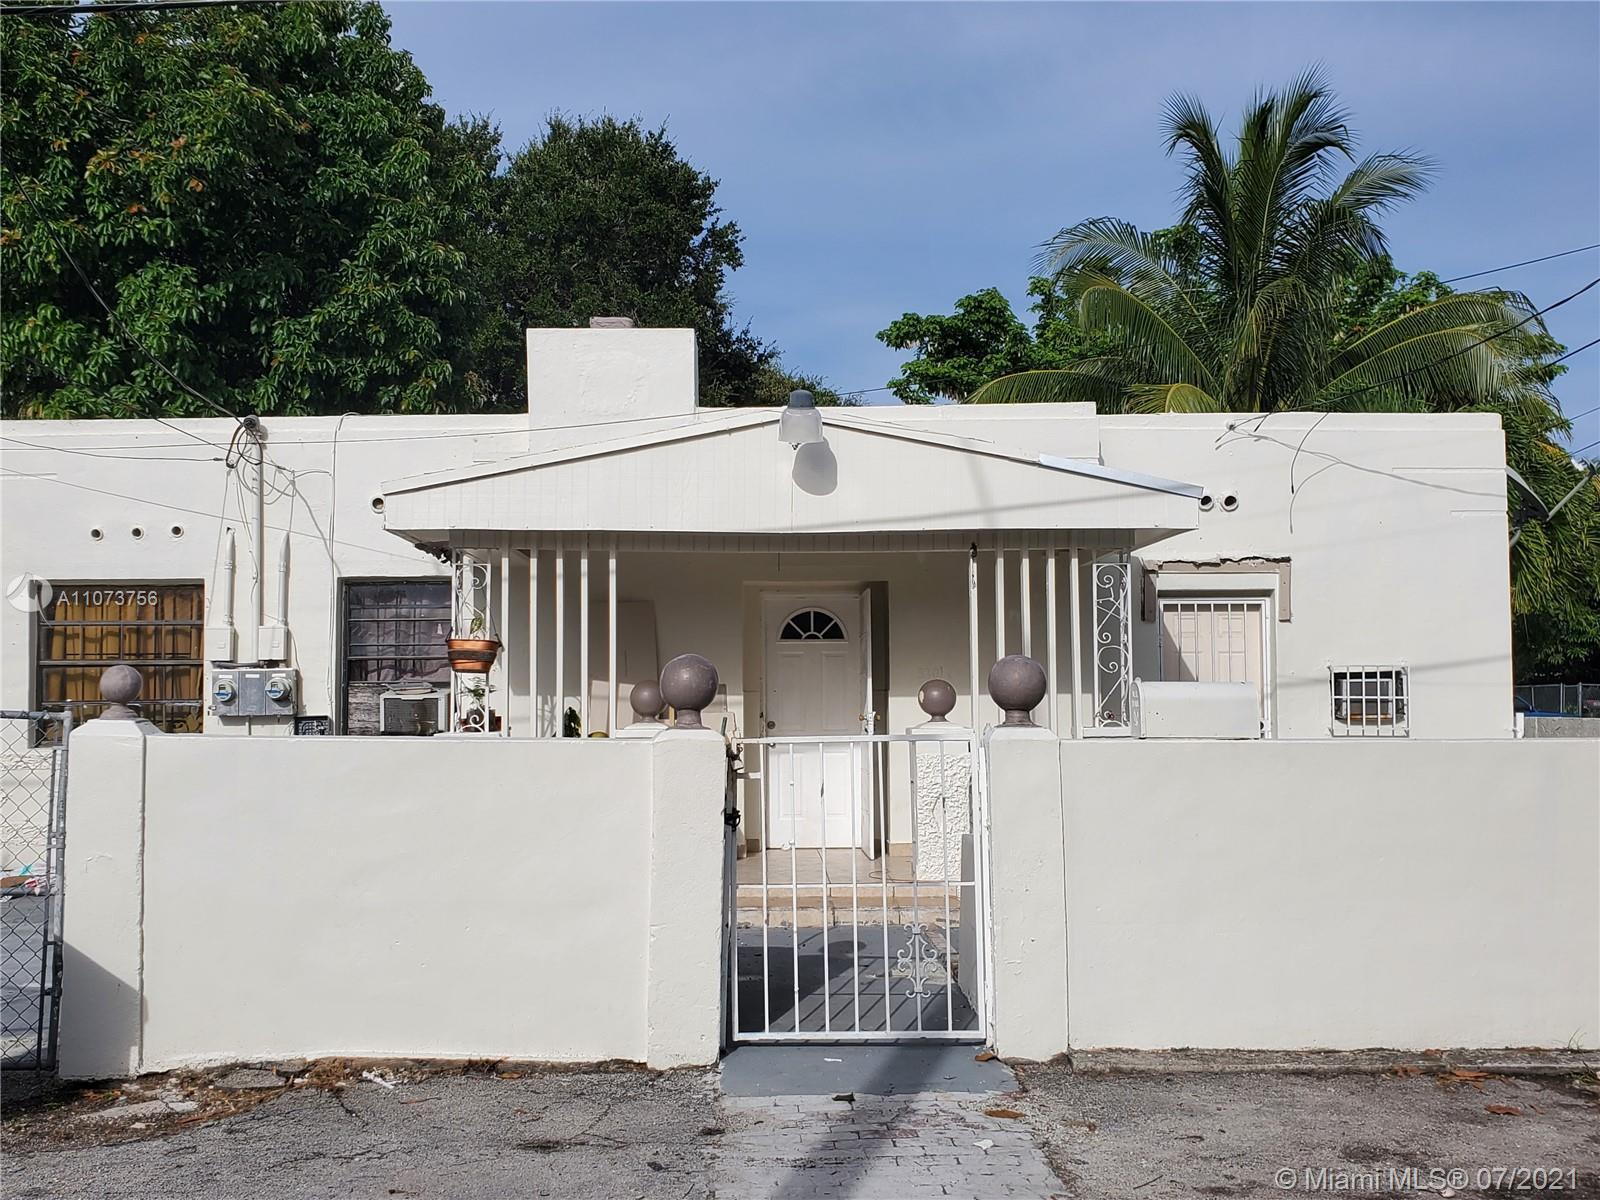 Allapattah - 3201 NW 10th Ct, Miami, FL 33127